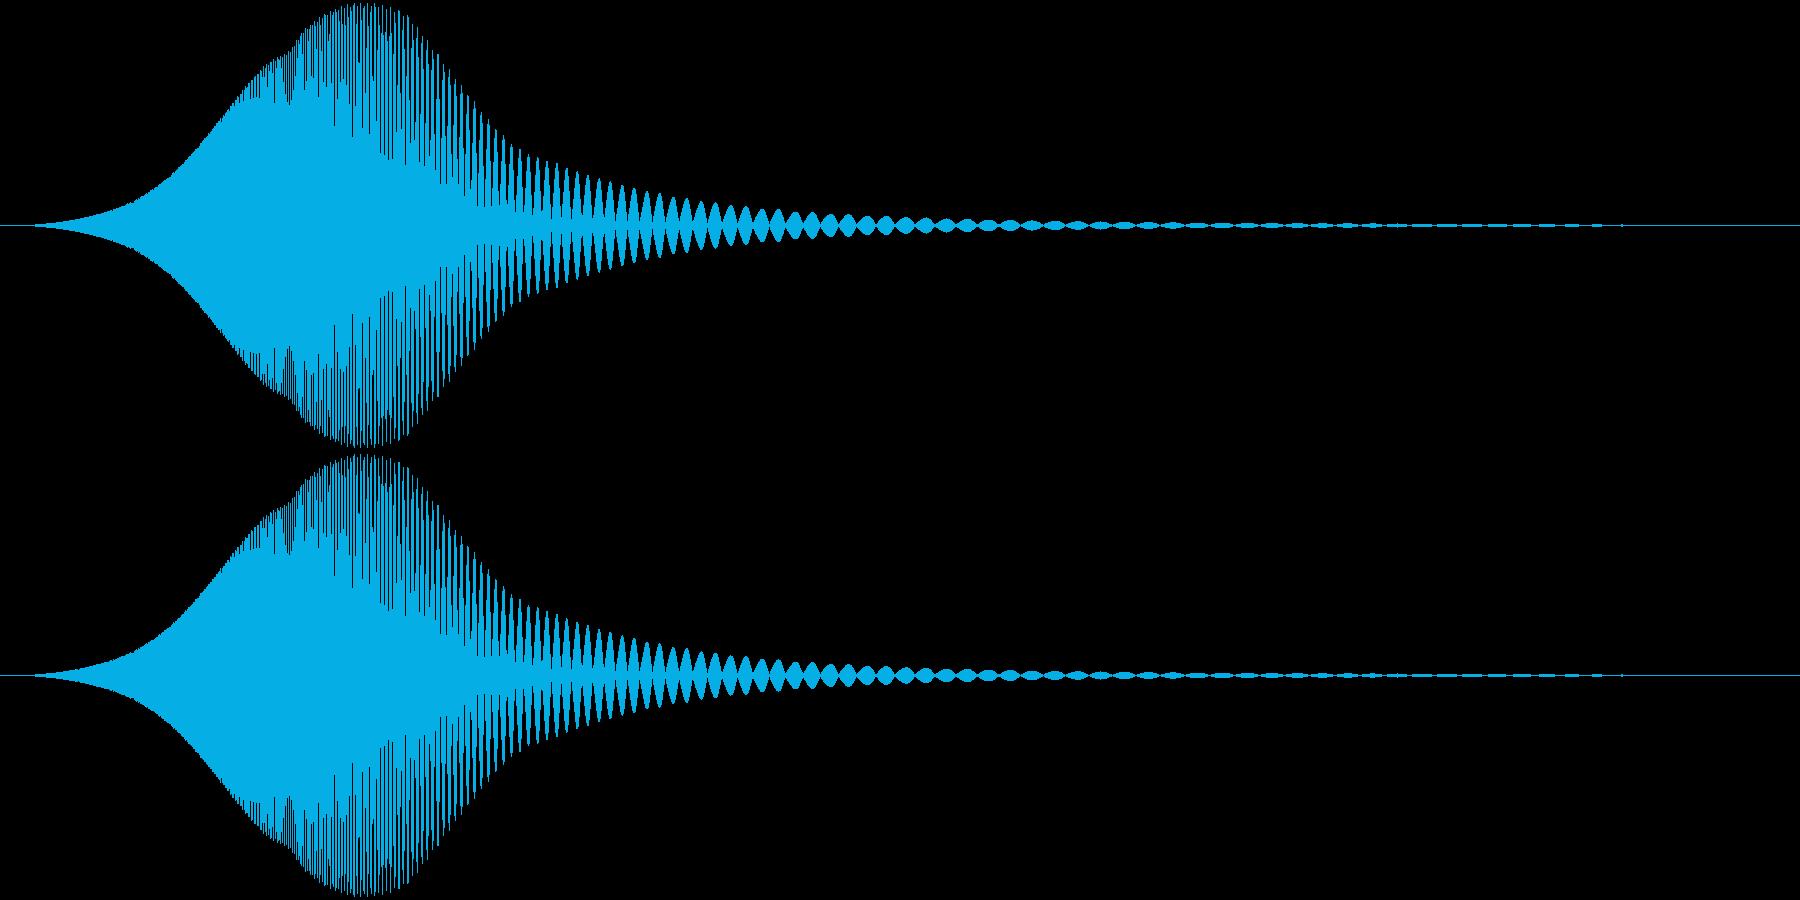 Comm ピチョンと可愛い電子音 単発の再生済みの波形